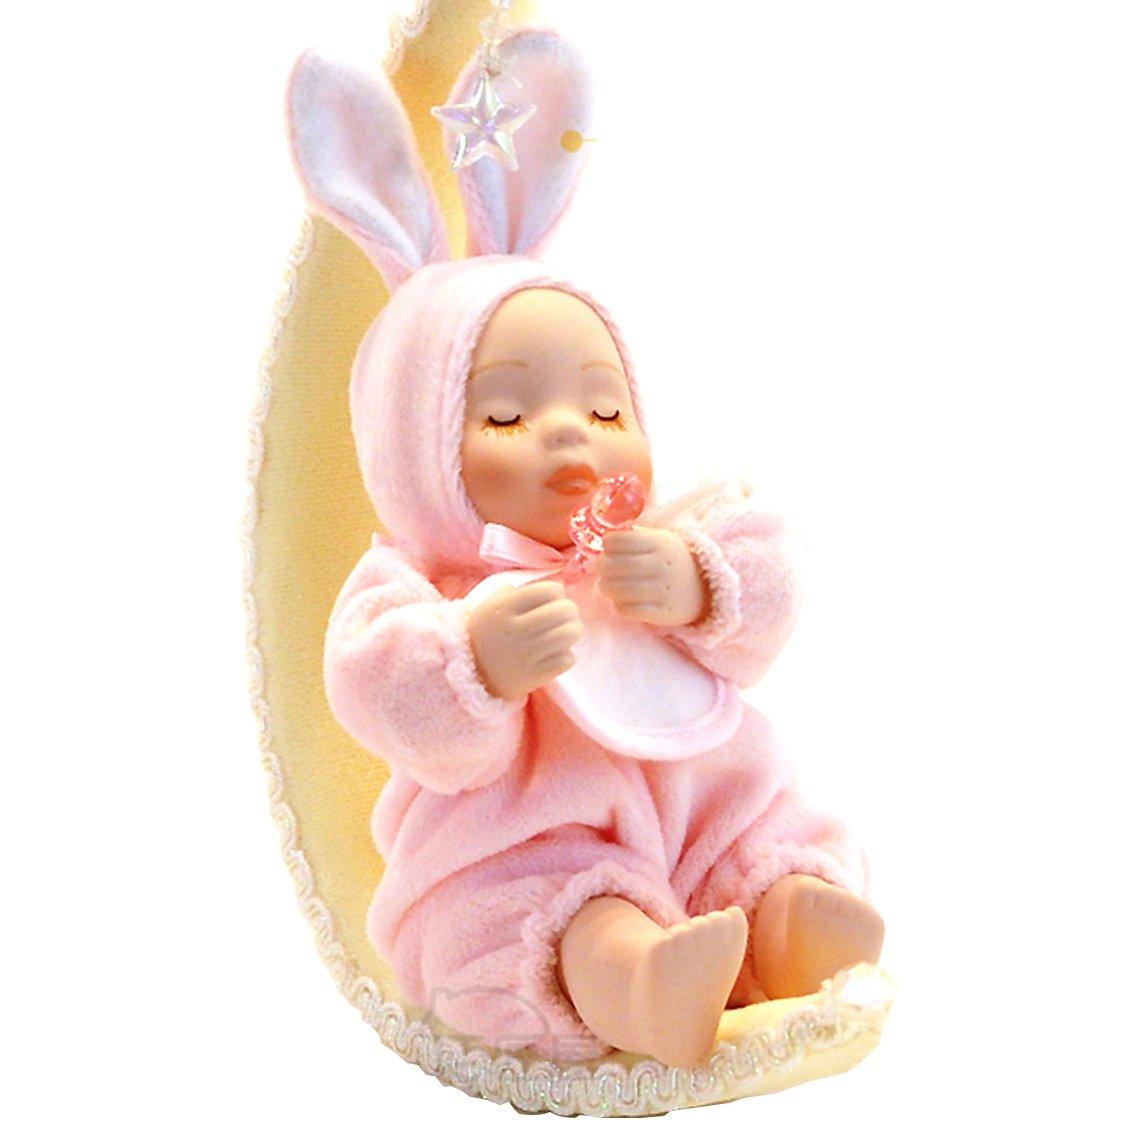 爱心兔月亮船动态娃娃音乐盒八音盒创意礼品生日礼物